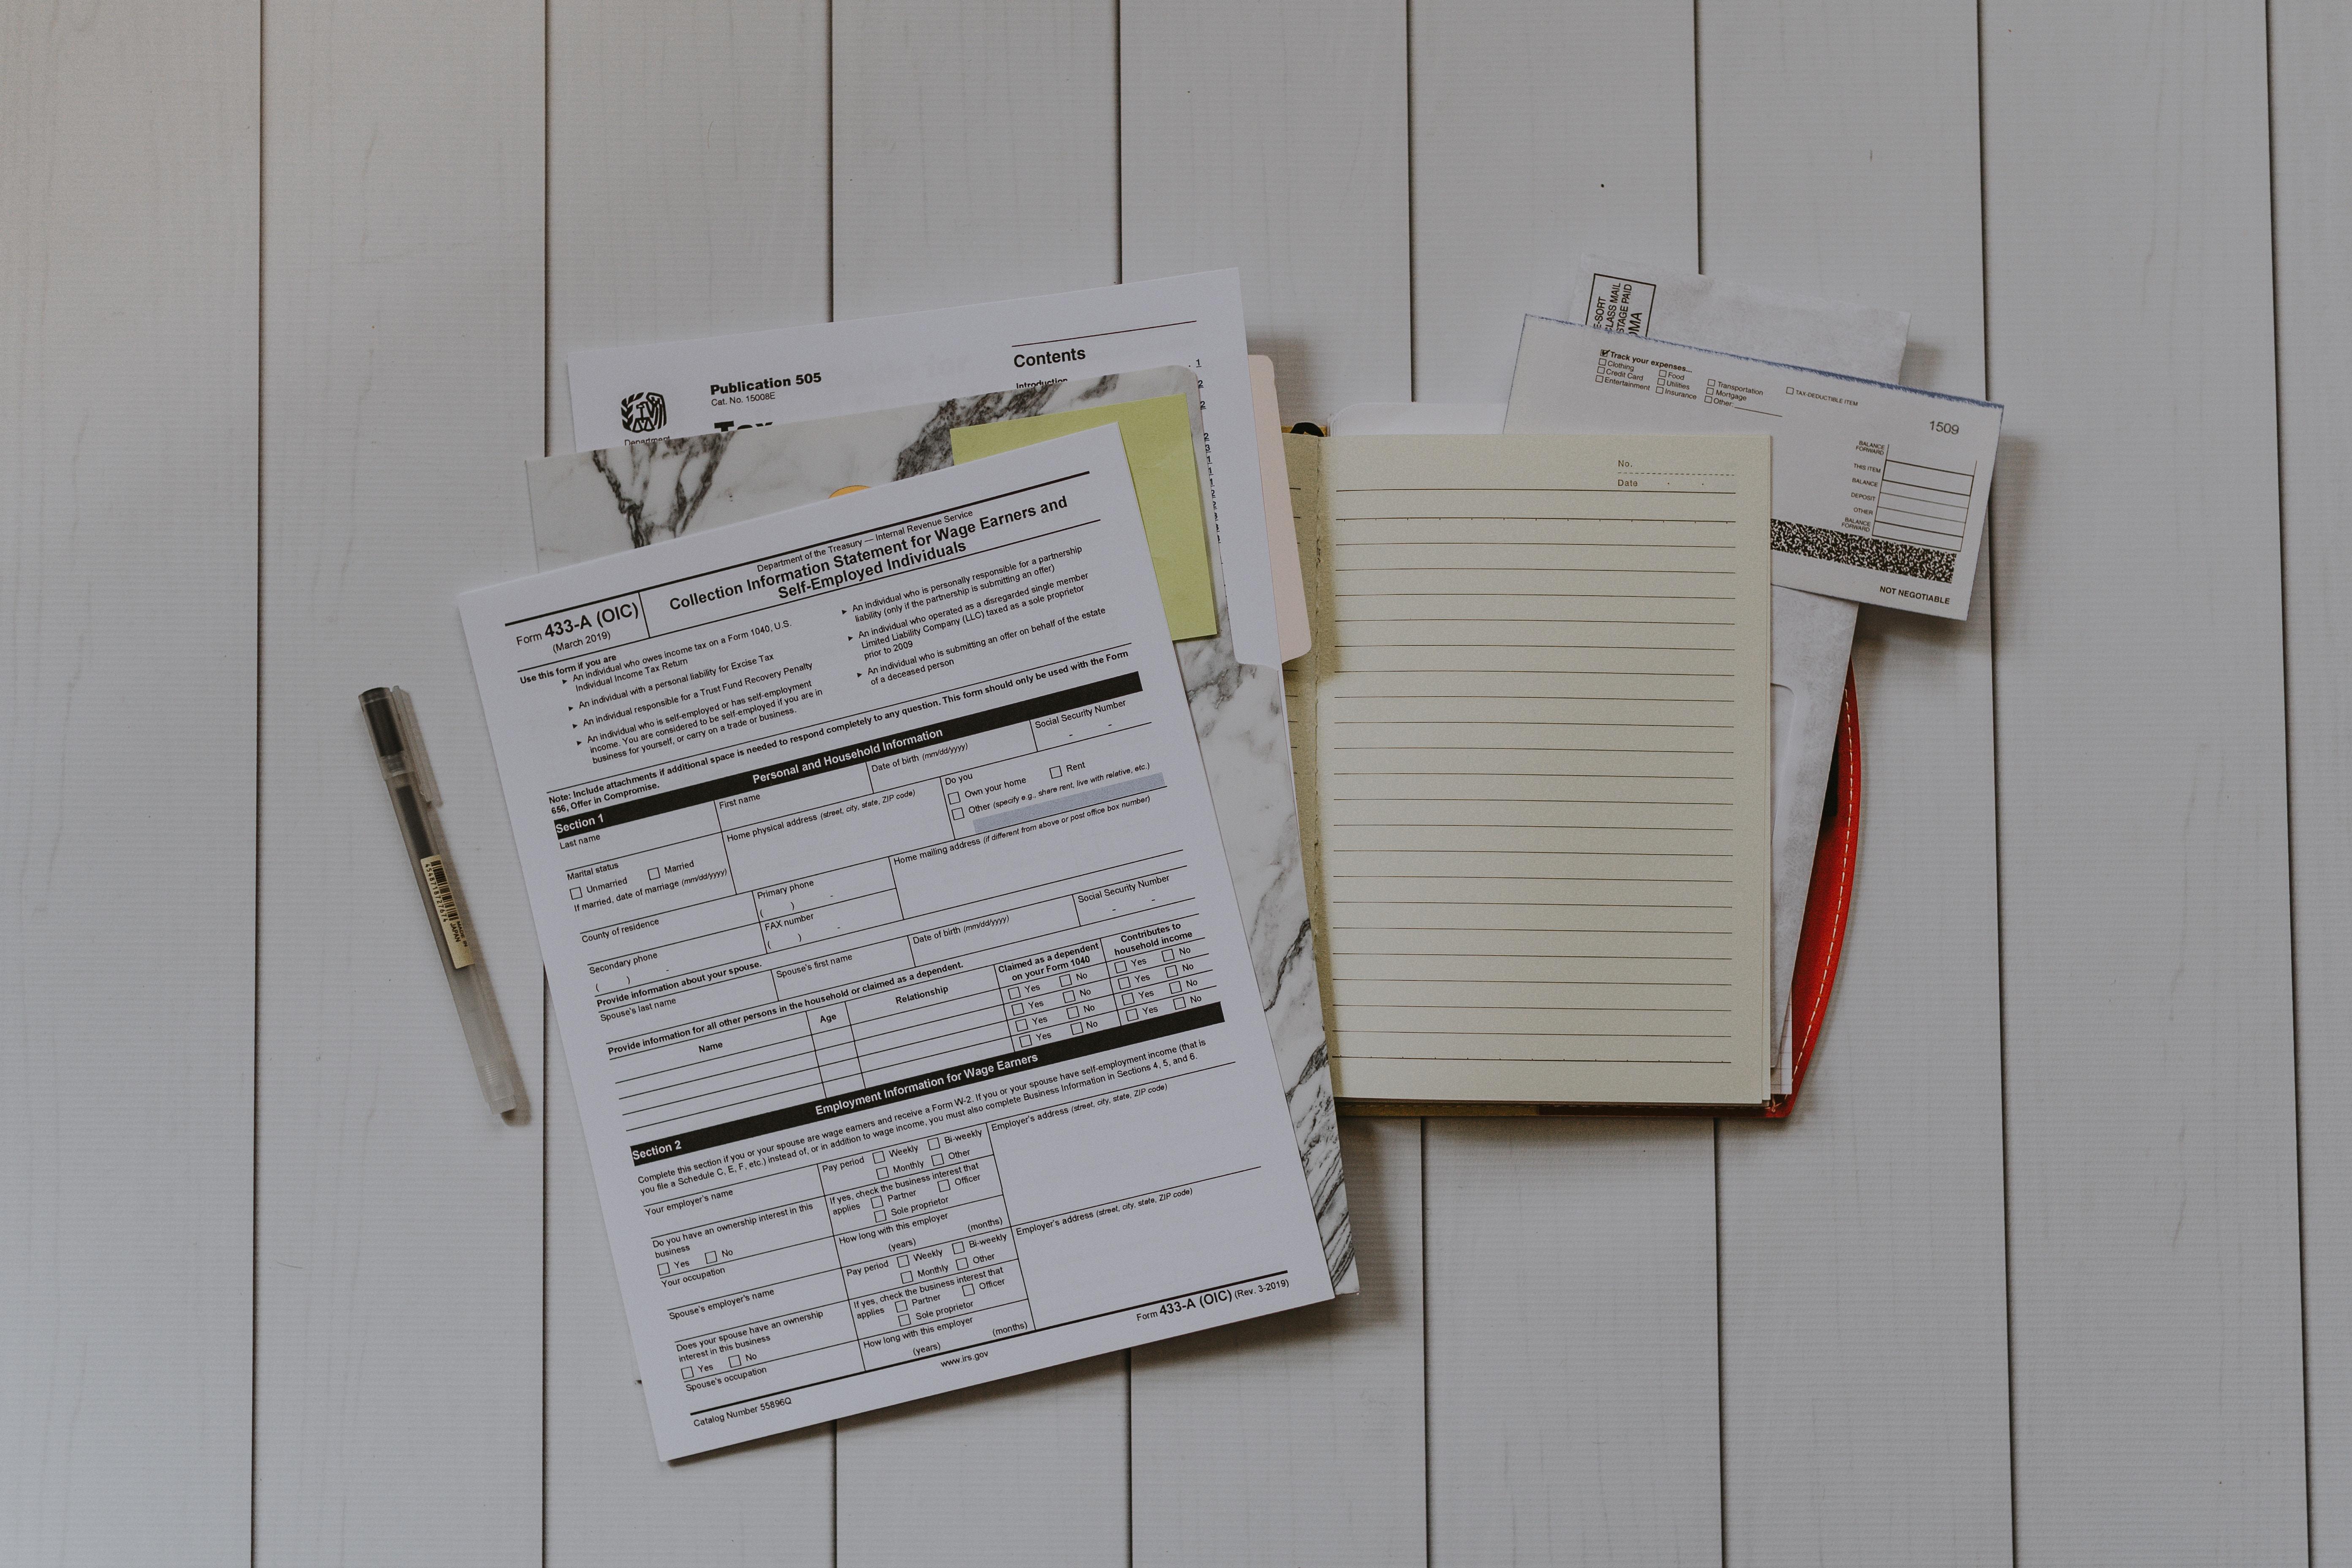 Motivation insuffisante d'une proposition de rectification relative au crédit d'impôt recherche